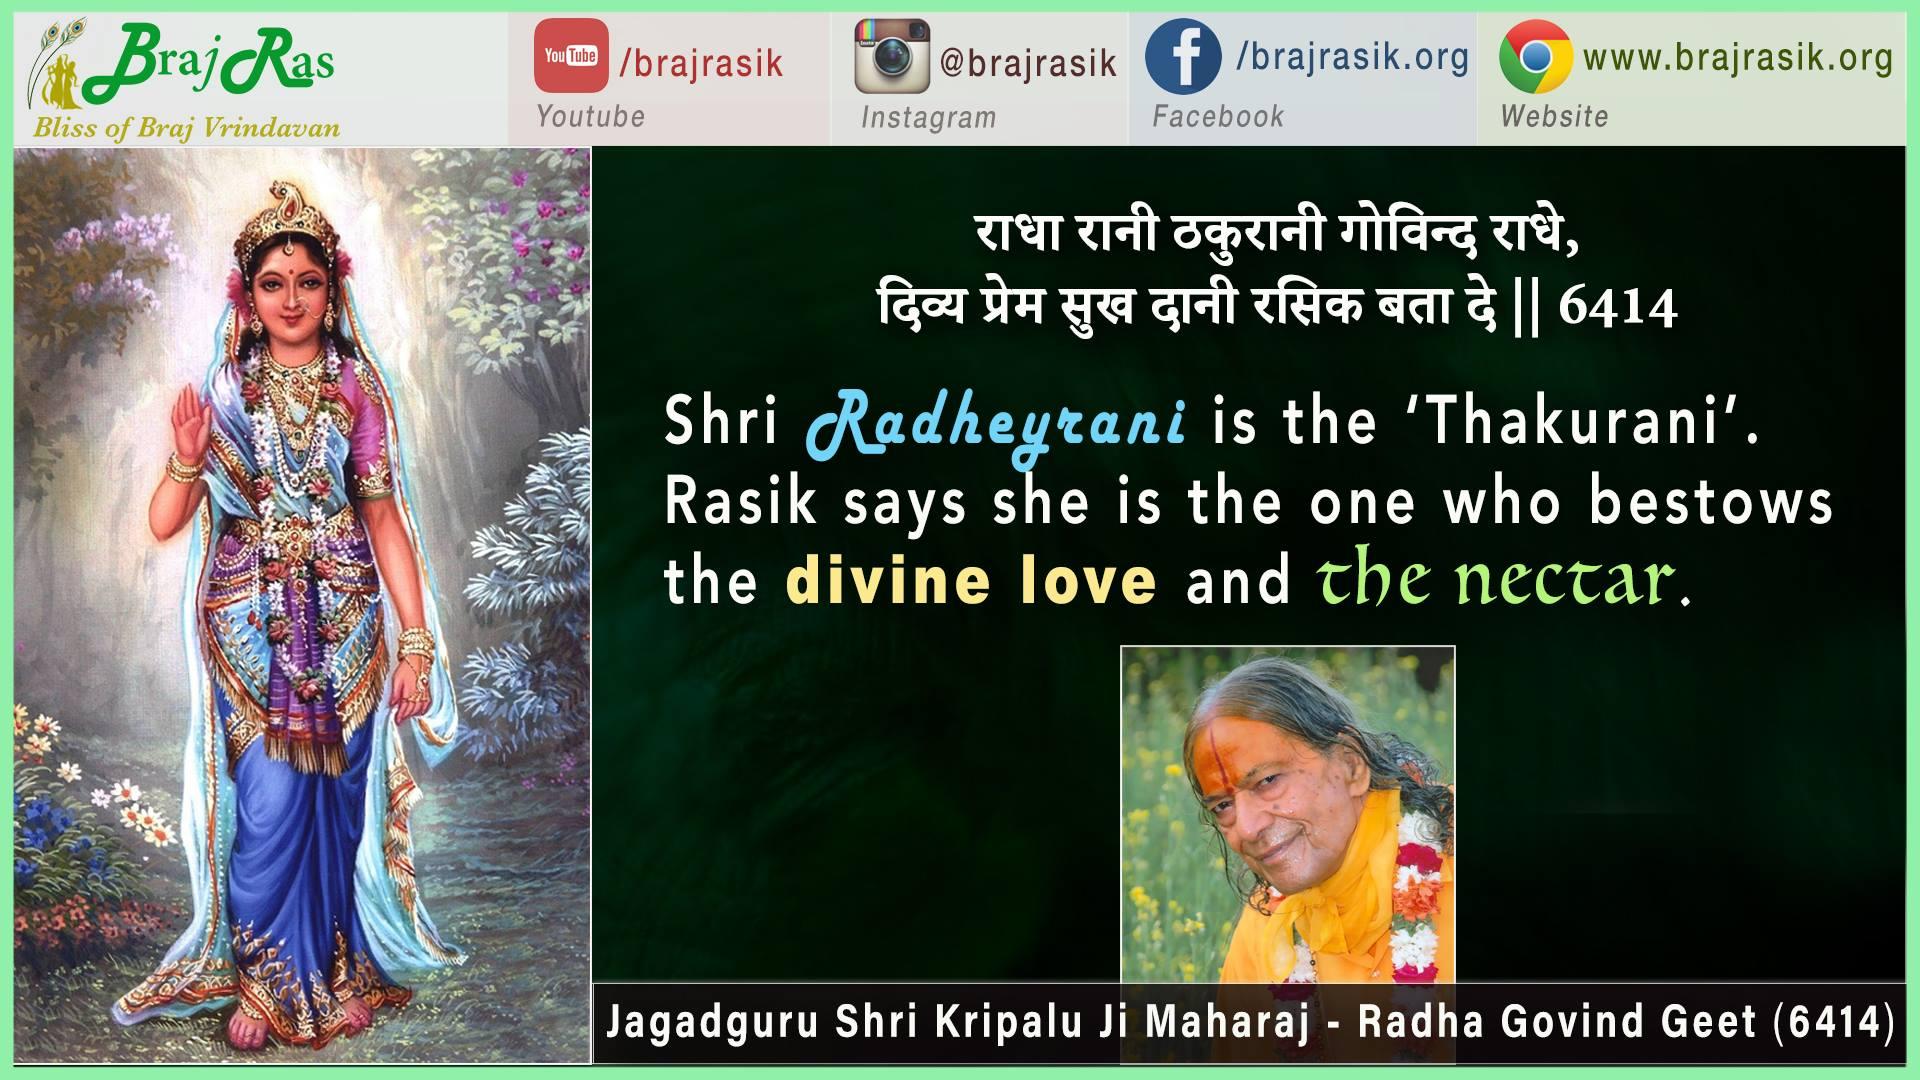 Radharani Thakurani Govind Radhey - Jagadguru Shri Kripalu Ji Maharaj - Radha Govind Geet